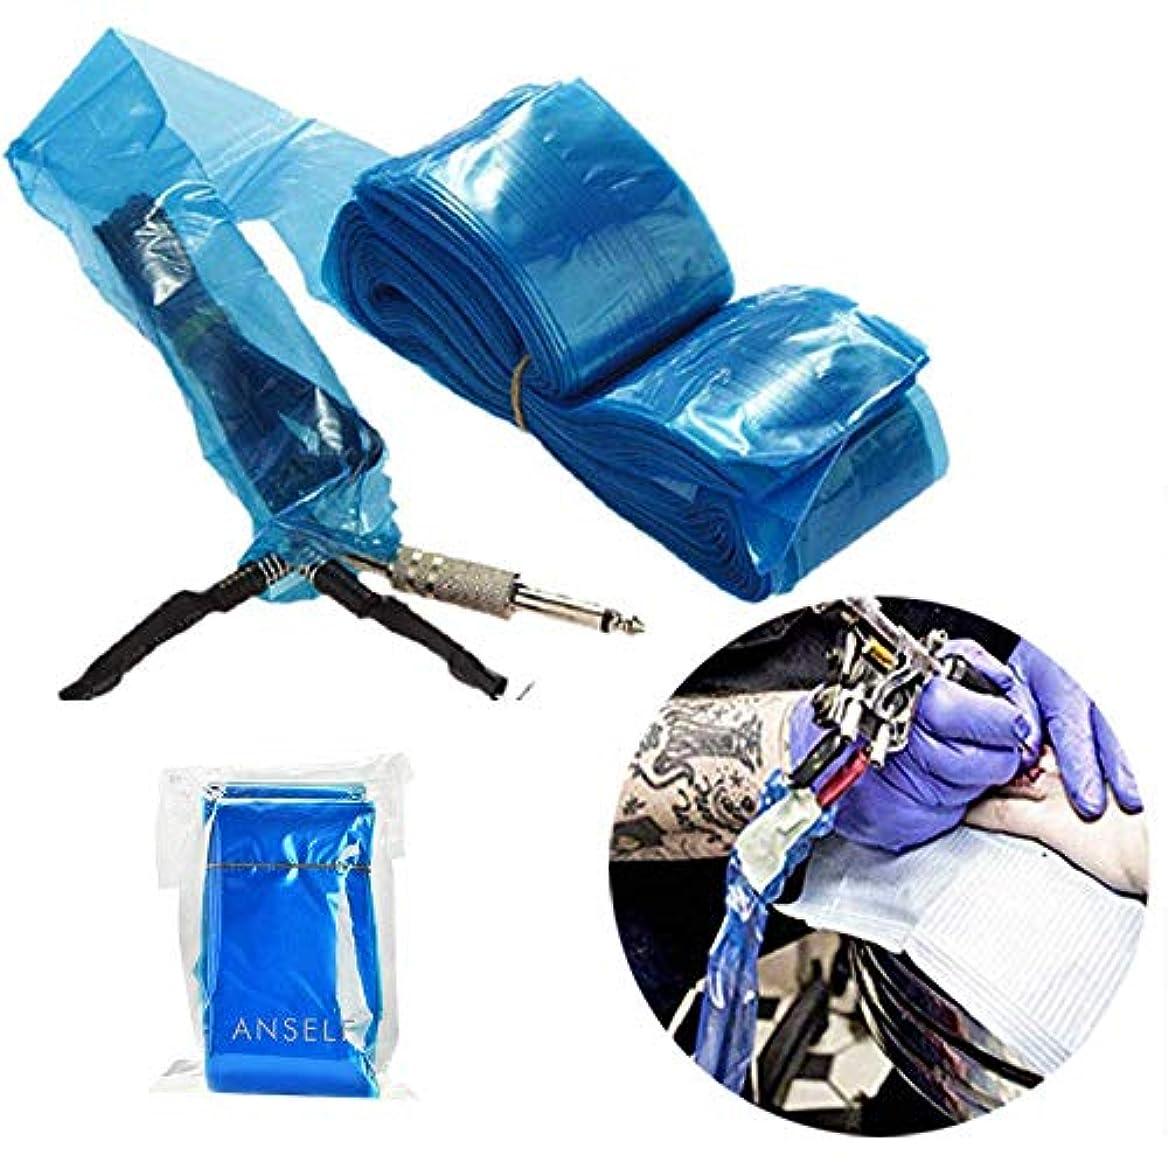 ケーブルカーパテアクセスできないDecdeal タトゥークリップカバー タトゥー用品 タトゥーマシンプラスチック用使い捨てカバー 100Pcs